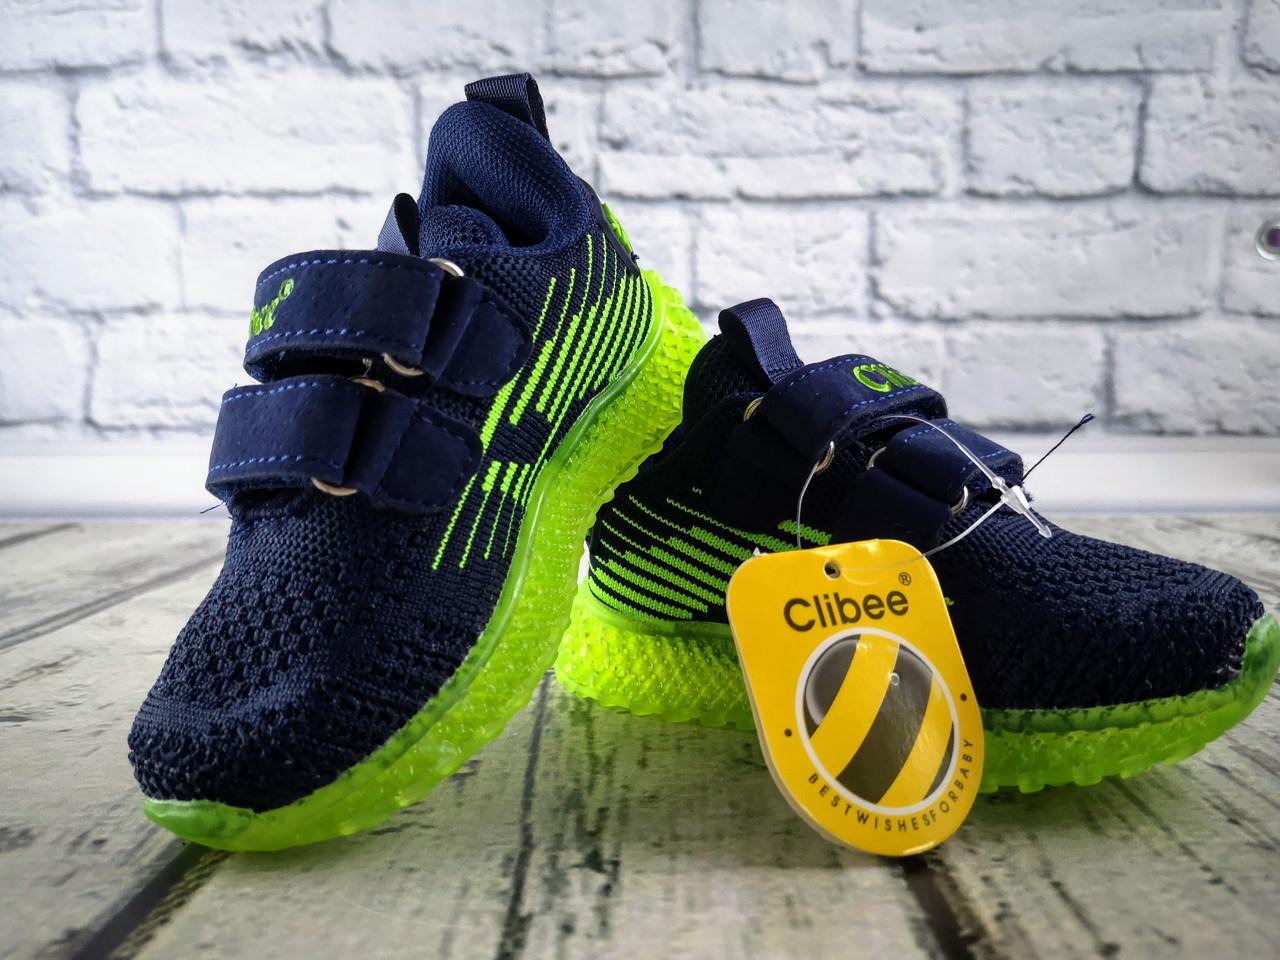 Кросівки для хлопчиків Синій, підошва з підсвічуванням Clibee Румунія